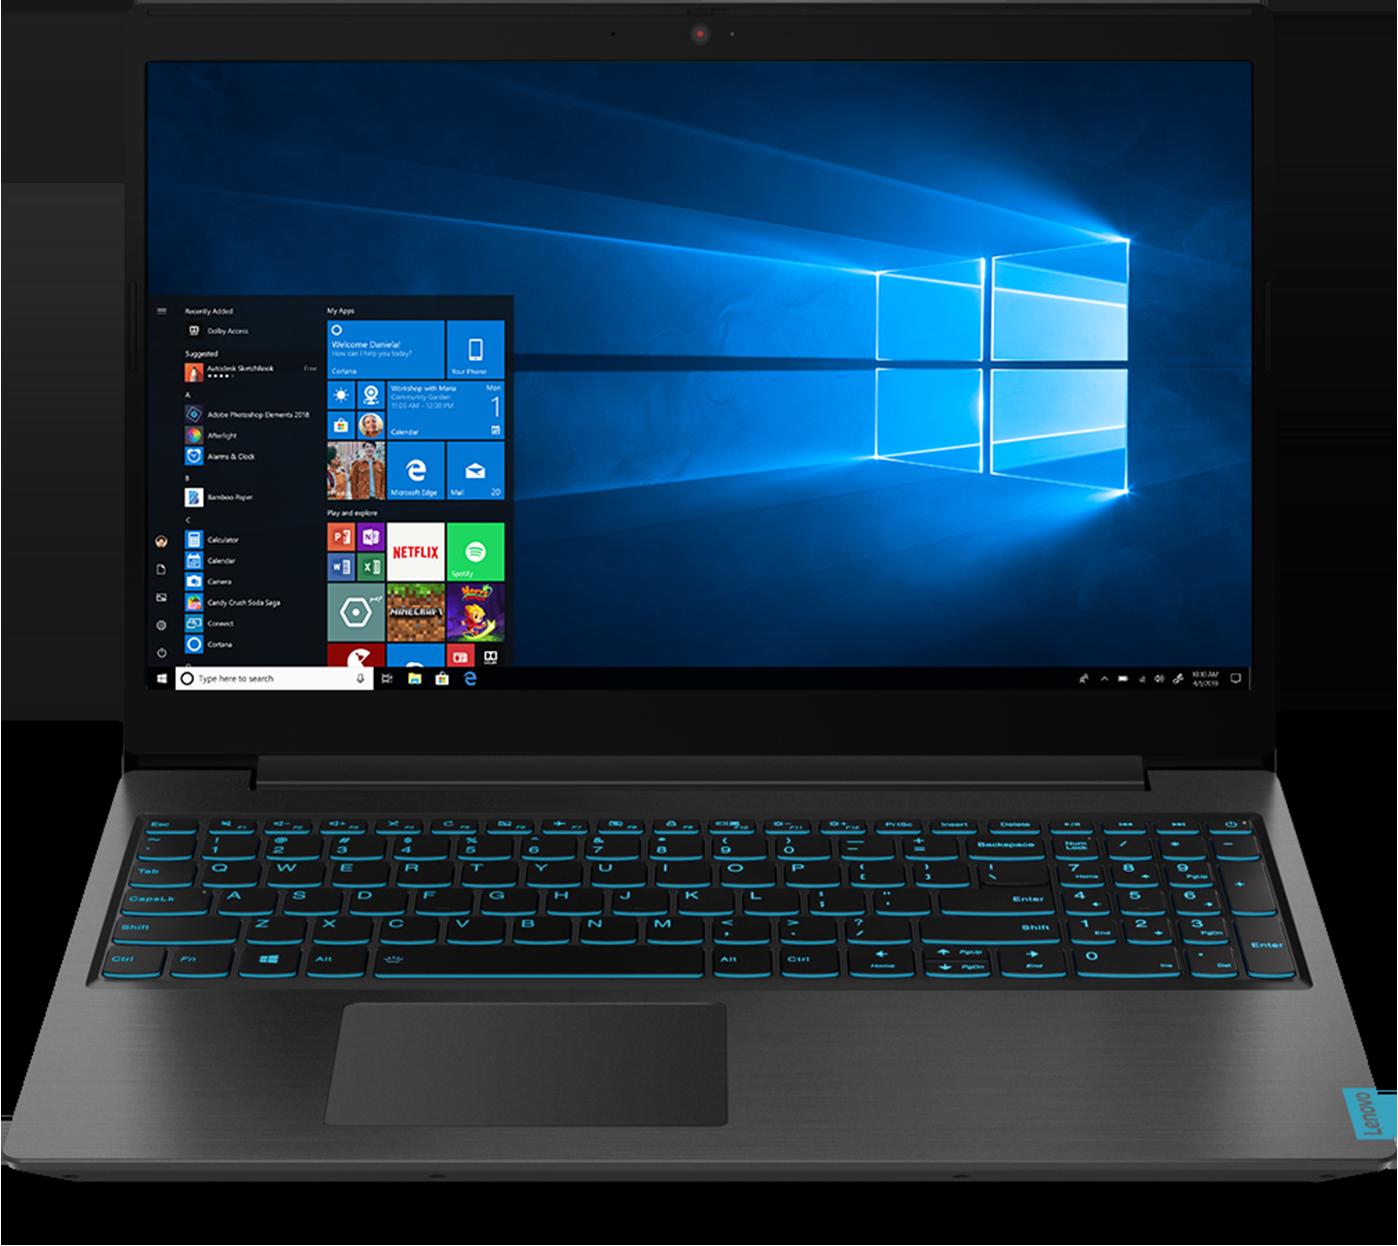 MSI GL62M 7REX 1252CN Gaming Laptop 15.6 inch Windows 10 Home Intel Core i7 7700HQ Quad Core 2